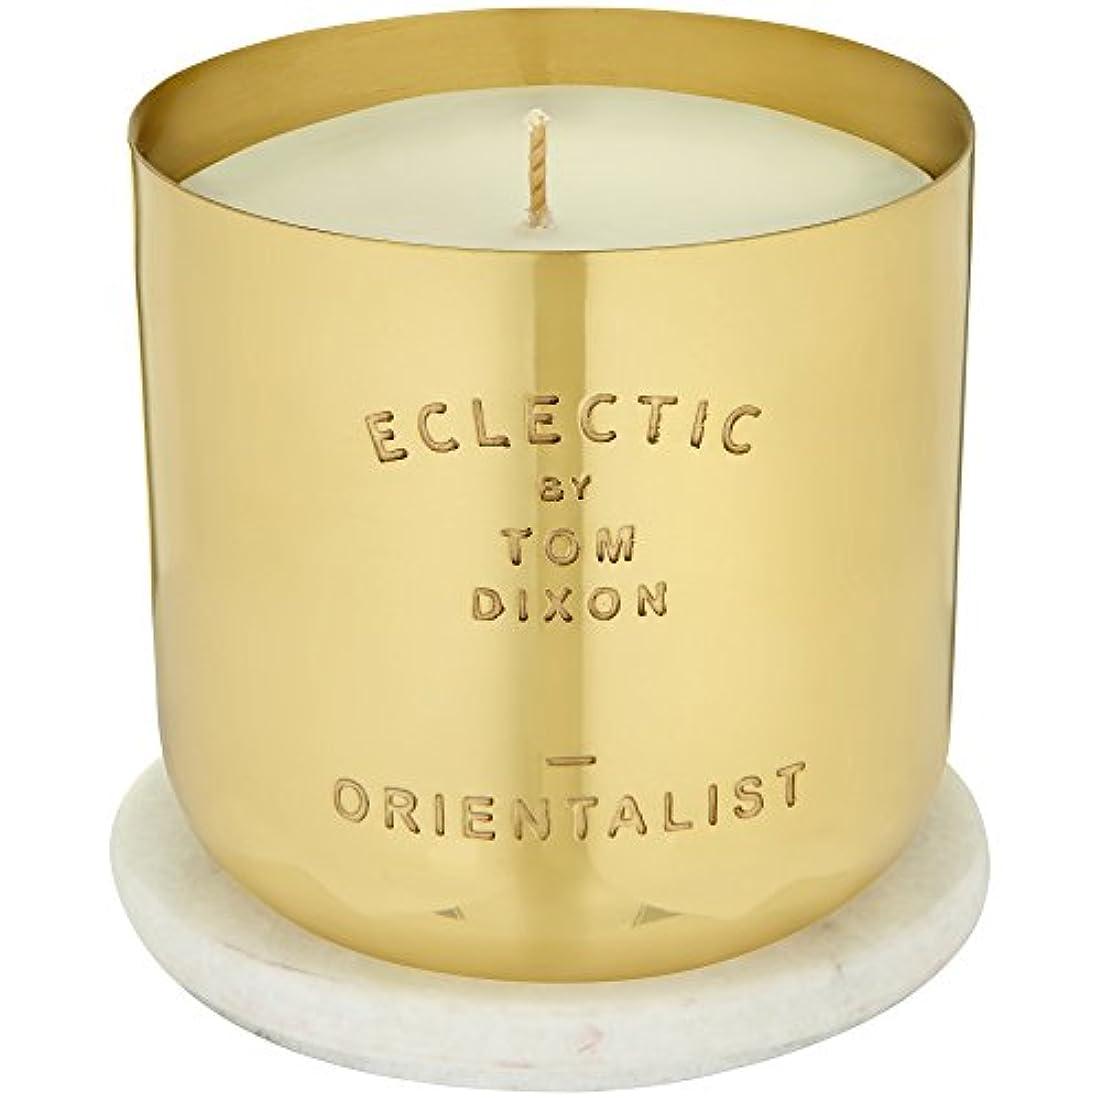 知らせるトランザクション外部Tom Dixon Orientalist Scented Candle (Pack of 2) - トム?ディクソン東洋香りのキャンドル x2 [並行輸入品]